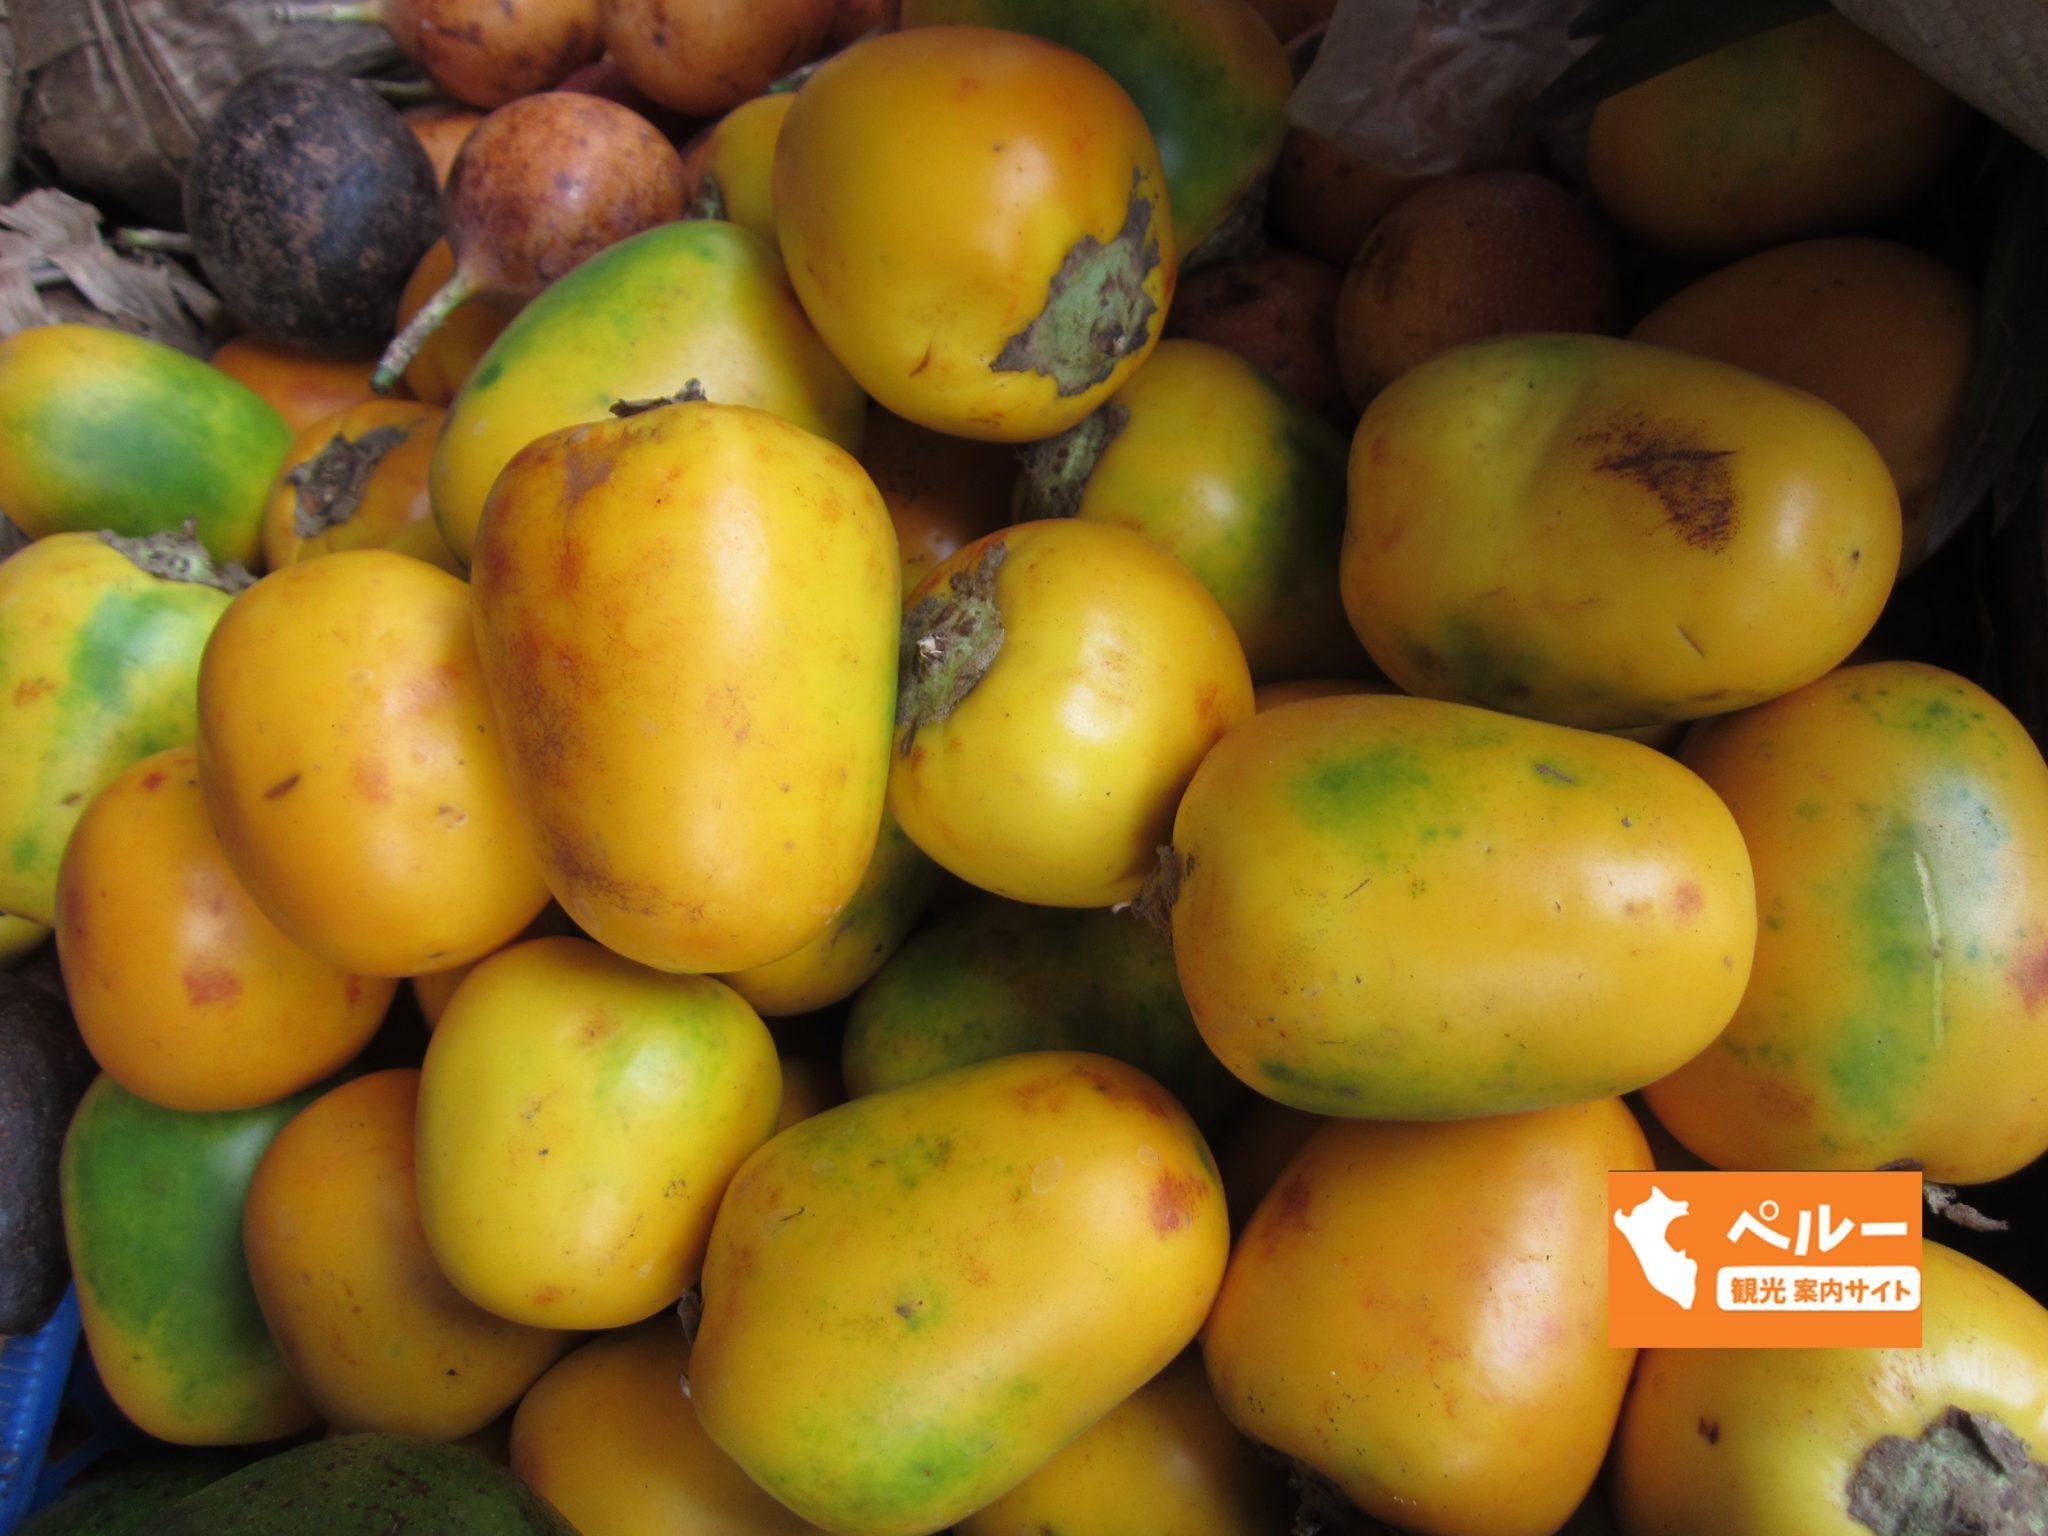 ペルー, ジャングル, フルーツ, 果物, Cocona, レシピ